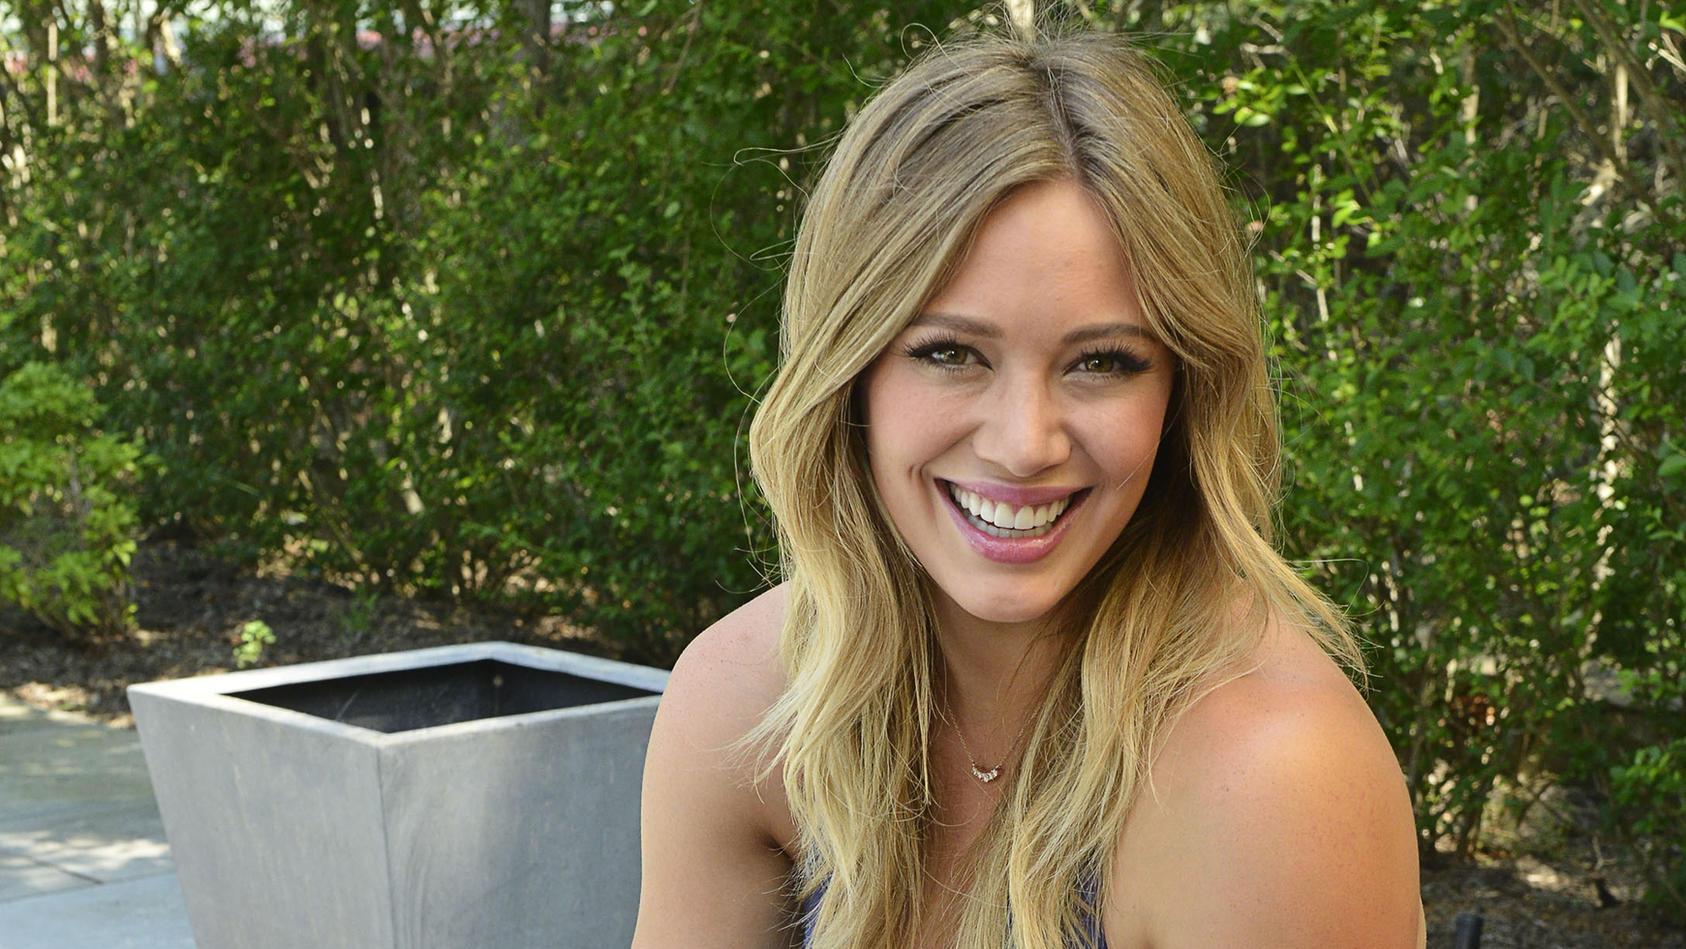 Hilary Duff hat vor kurzem ihr drittes Kind zur Welt gebracht und teilt nun einen süßen Schnappschuss von Töchterchen Mae.